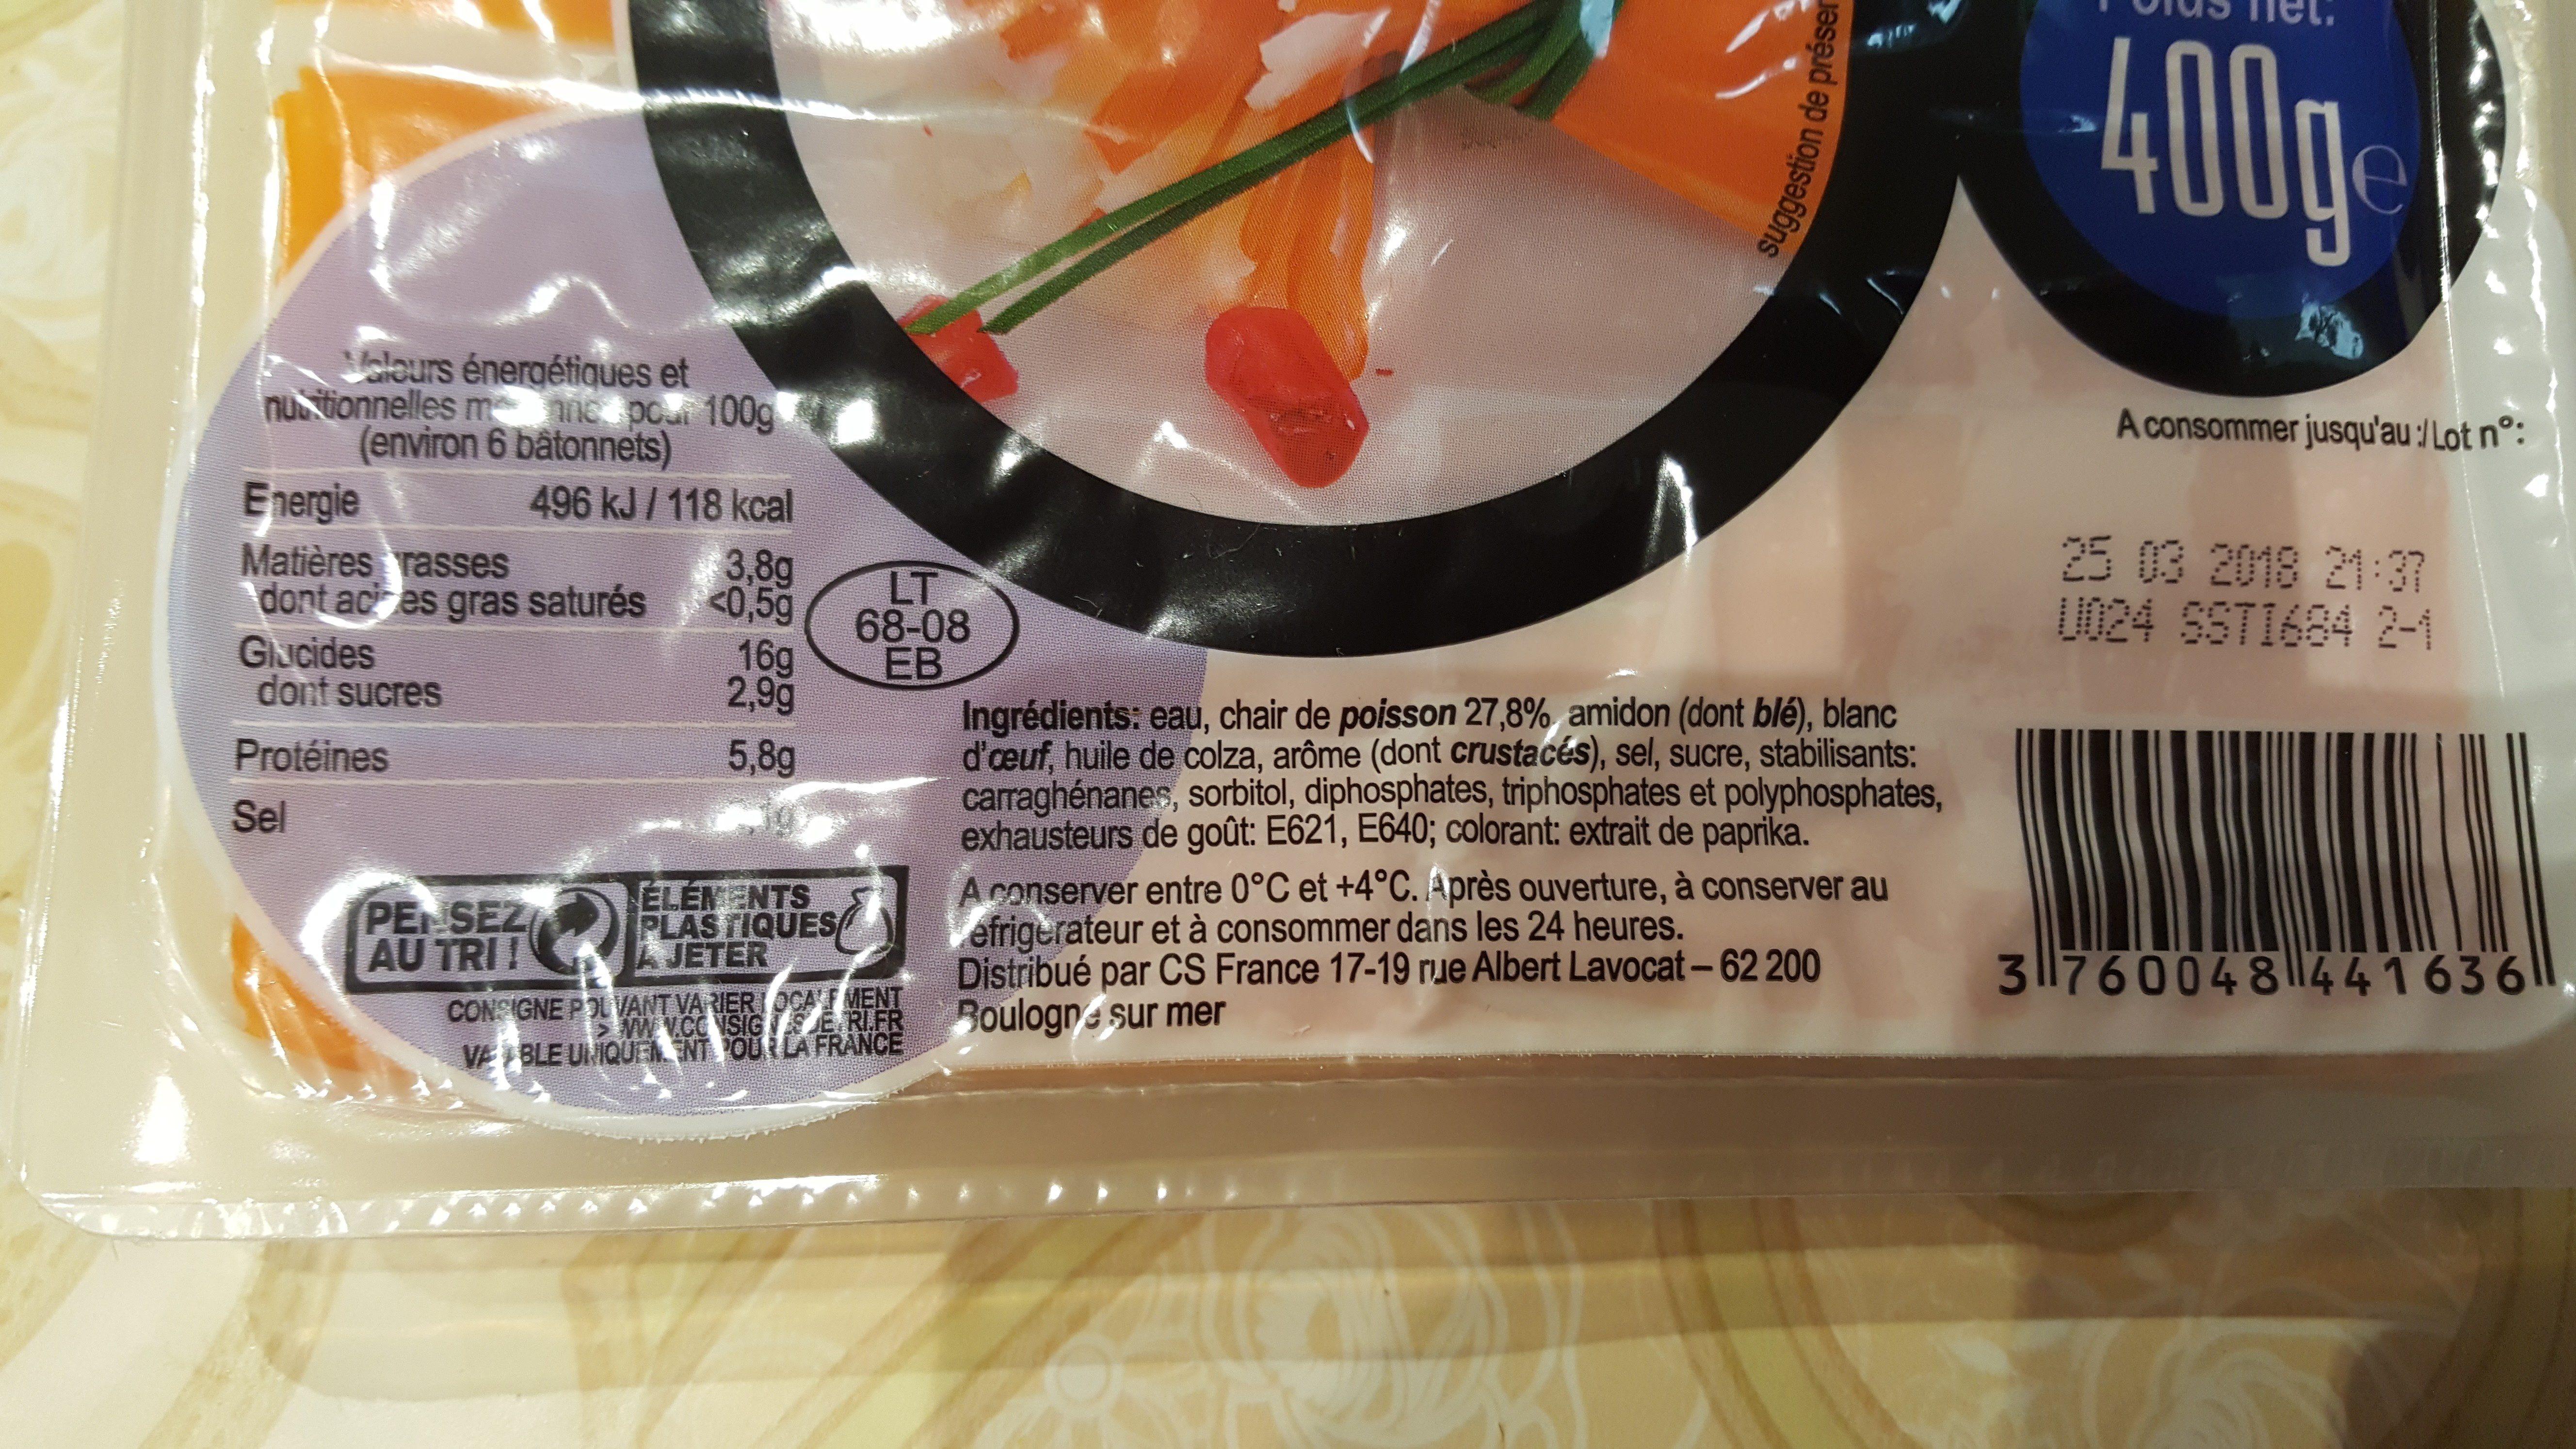 Bâtonnet de surimi - Ingrédients